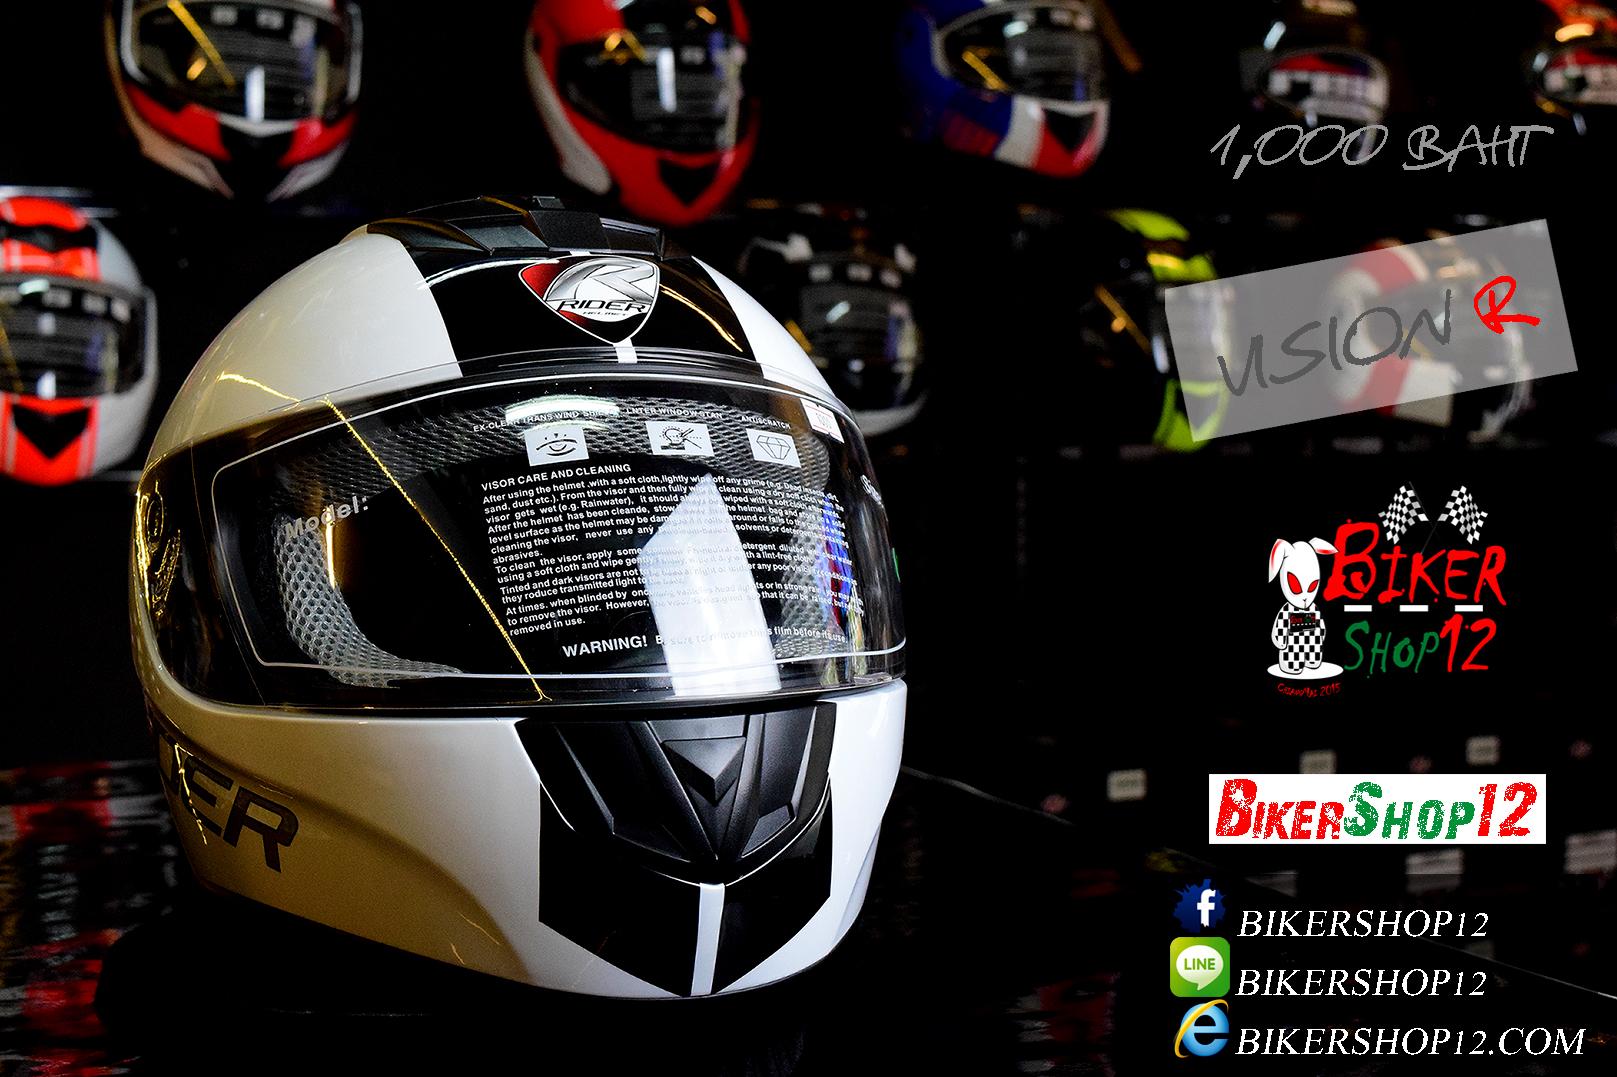 หมวกกันน็อคRider รุ่น Vision R สีดำ-ขาว